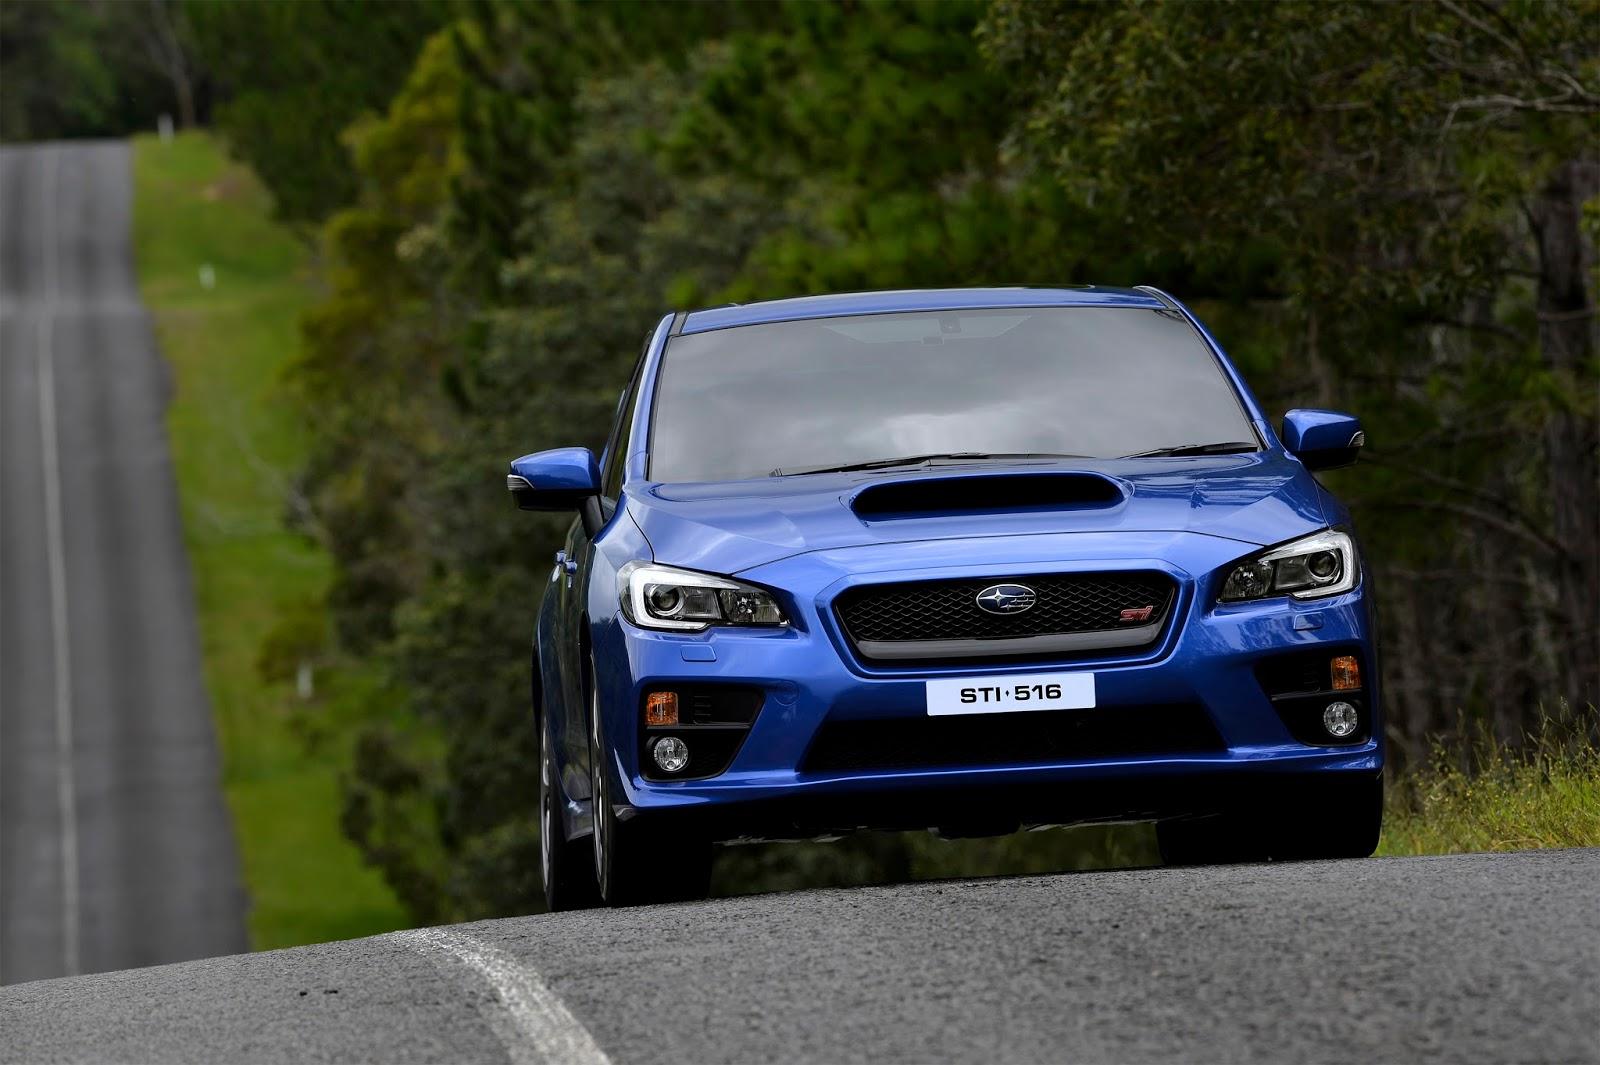 15WRXSTI 1010PP Καλύτερο σπορ σεντάν έως €50.000 το Subaru WRX STI Subaru, Subaru Impreza, Subaru Impreza WRX, Subaru Impreza WRX STI, Subaru WRX STI